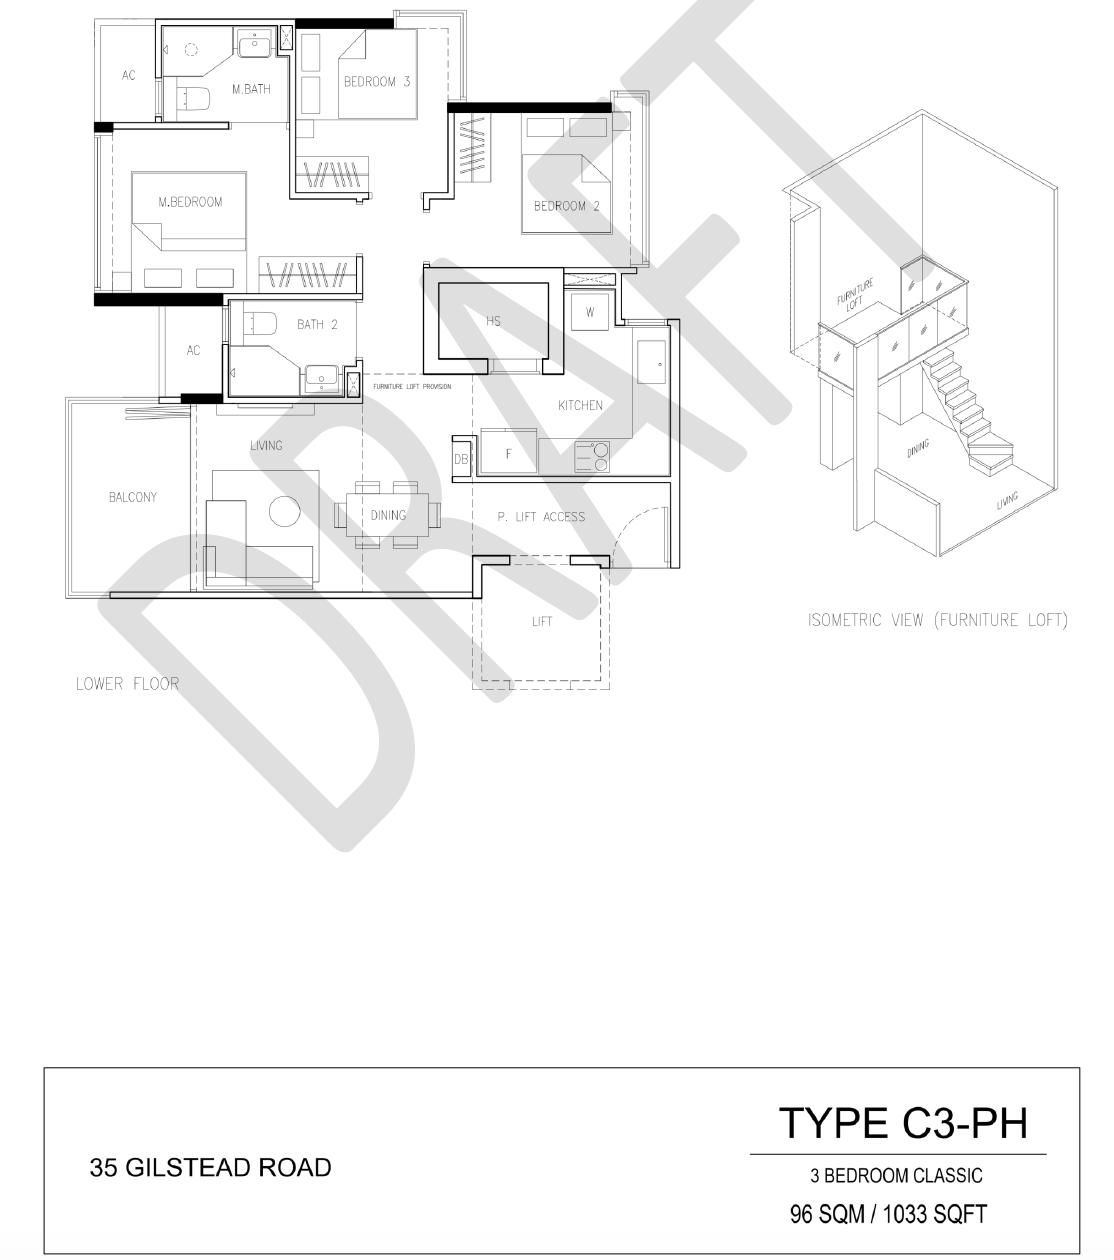 35-Gilstead-floor-plan-3-bedroom-Type-C3-PH